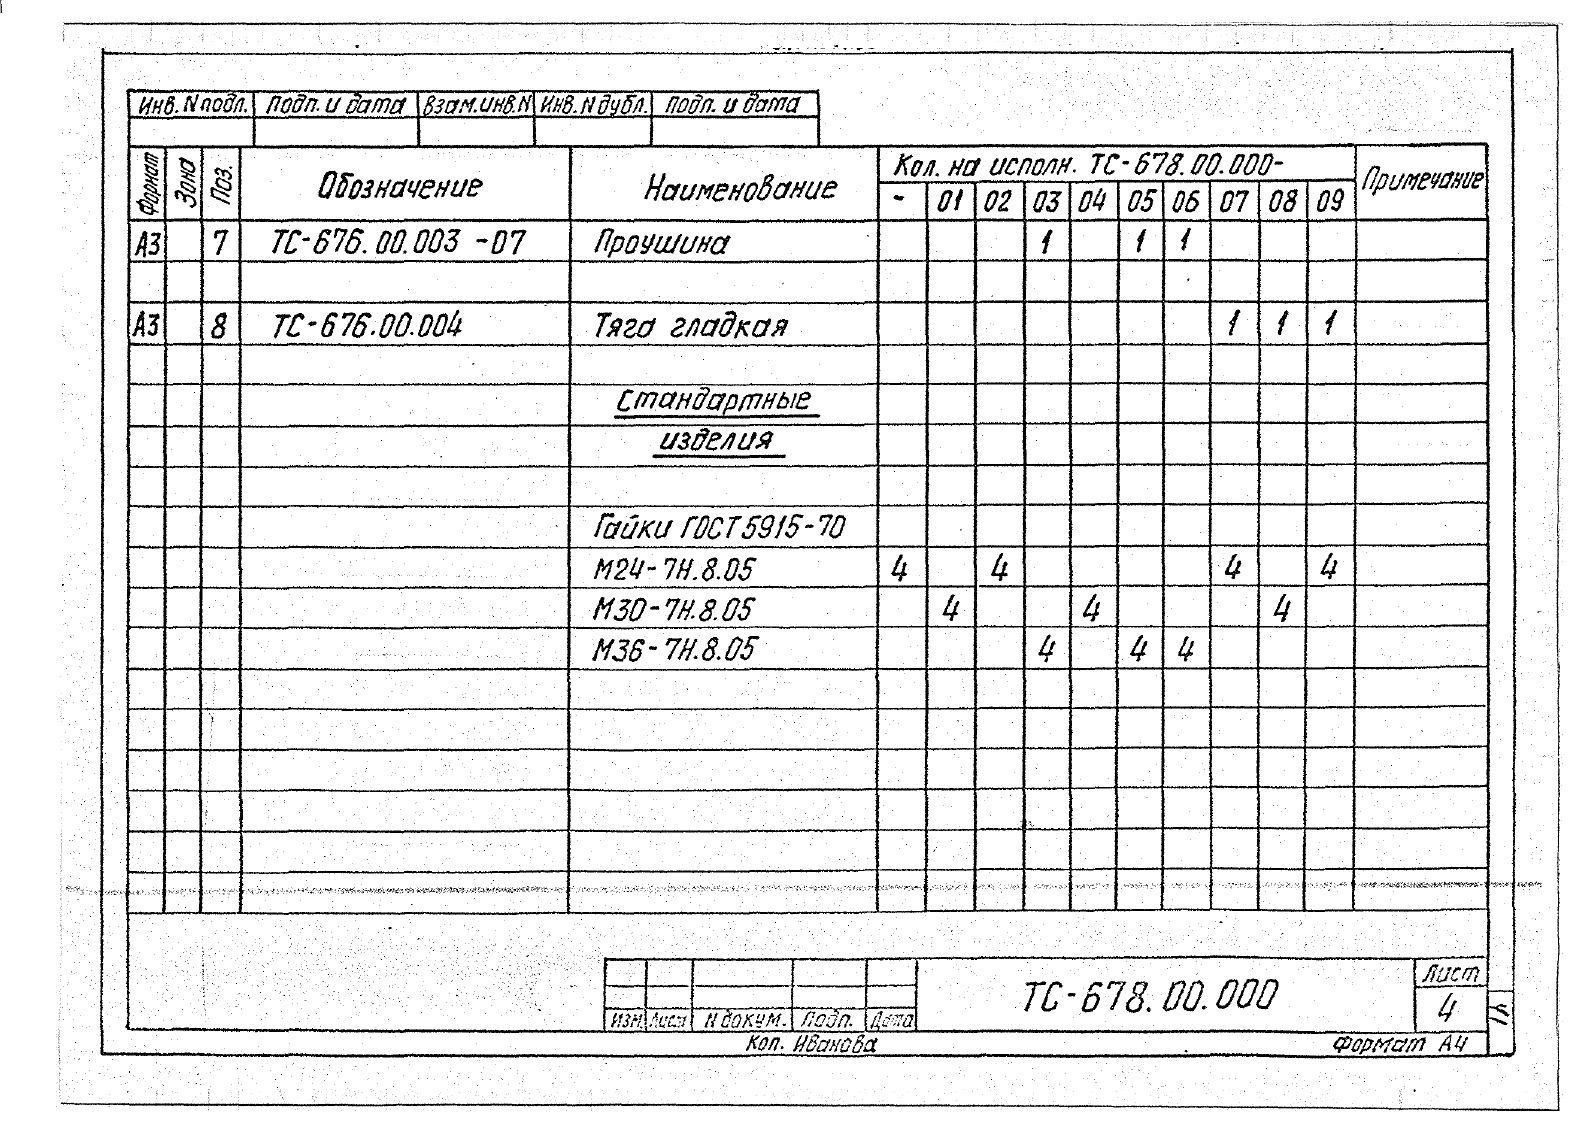 Подвески жесткие Дн 273-630 ТС-678 с.5.903-13 вып.6-95 стр.7